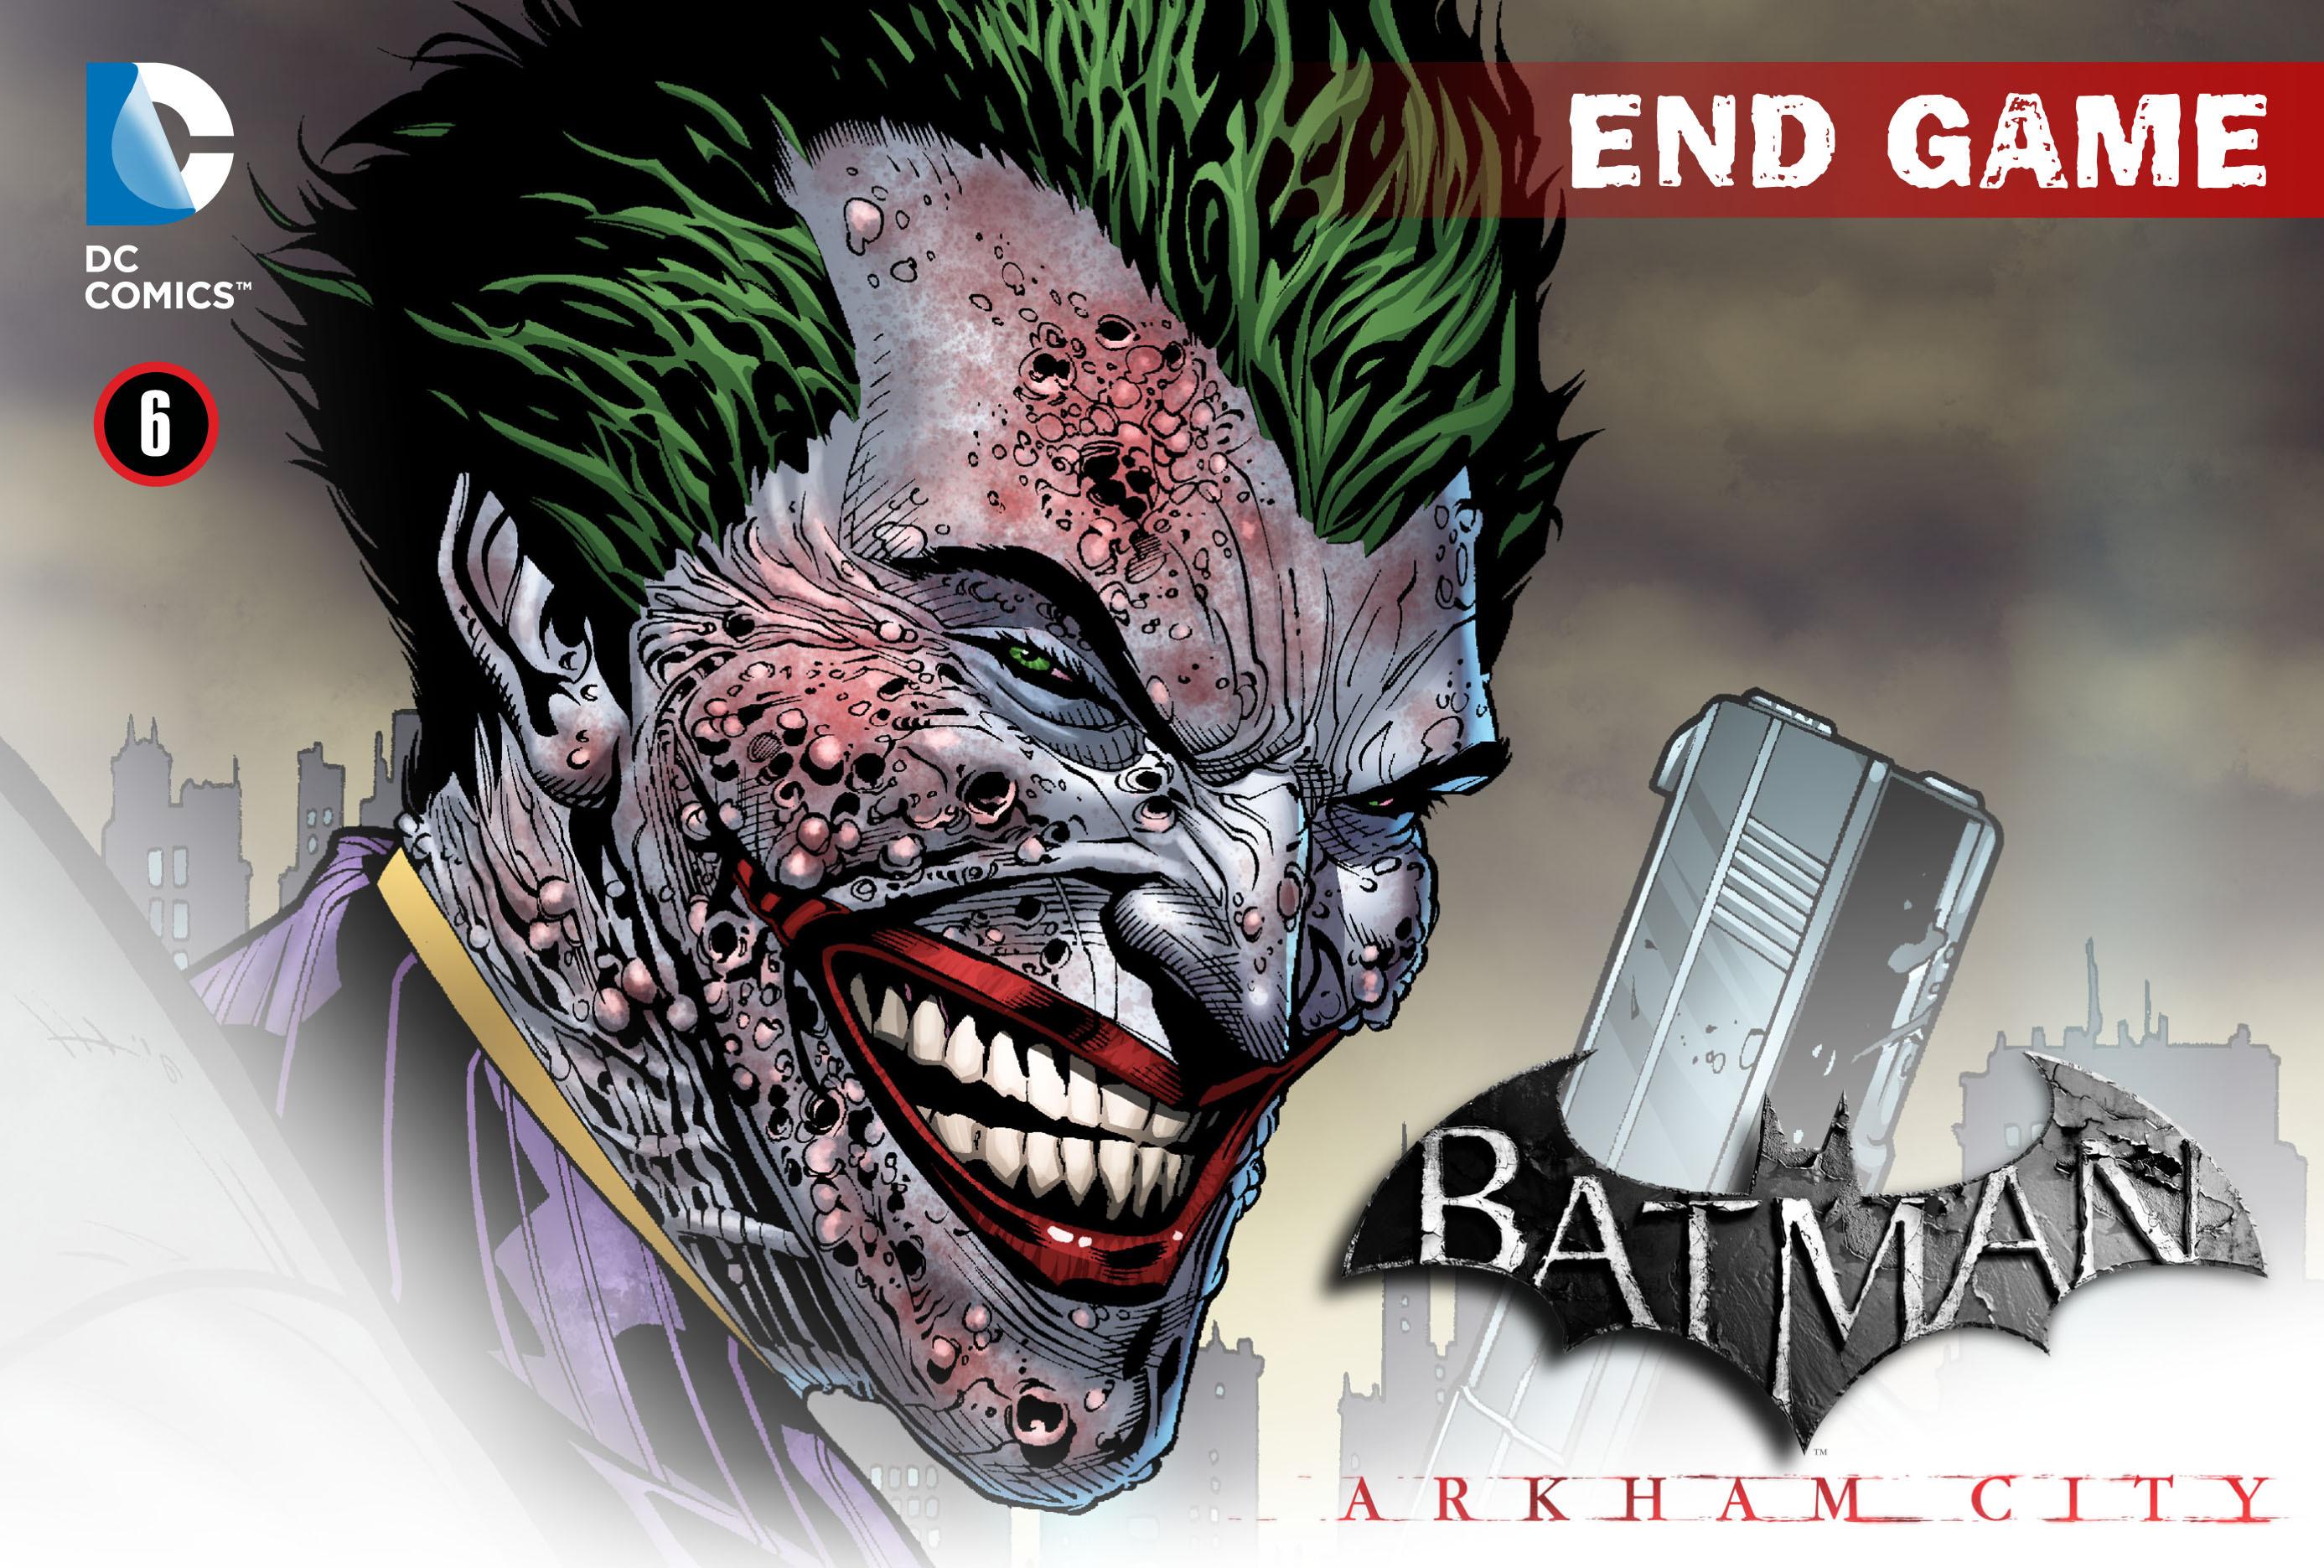 Batman: Arkham City: End Game 6 Page 1